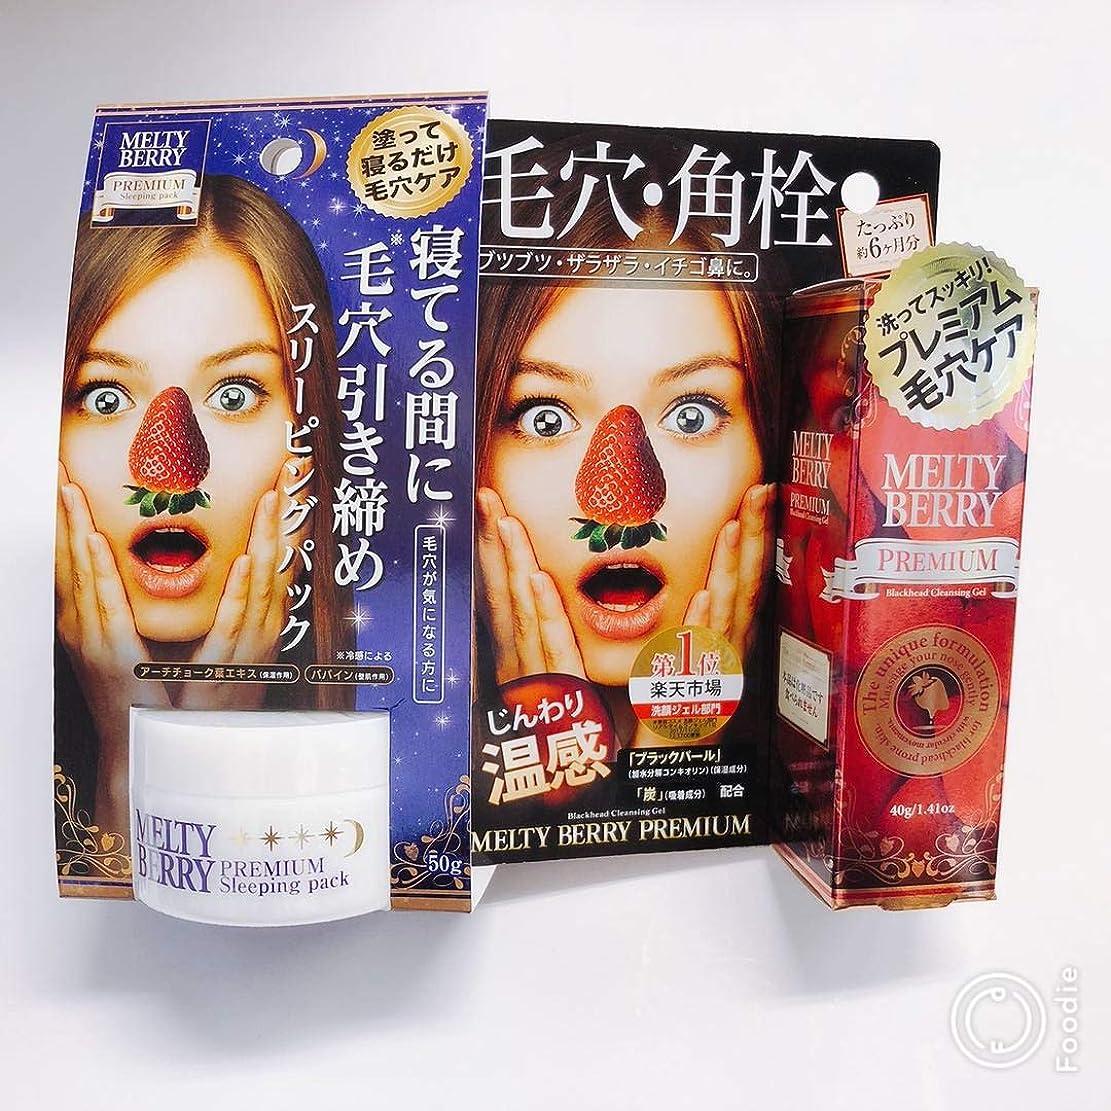 エスカレーターマウスピース肥満メルティベリープレミアム毛穴角栓ジェル+プレミアム スリーピングパック セットMELTY BERRY草莓鼻